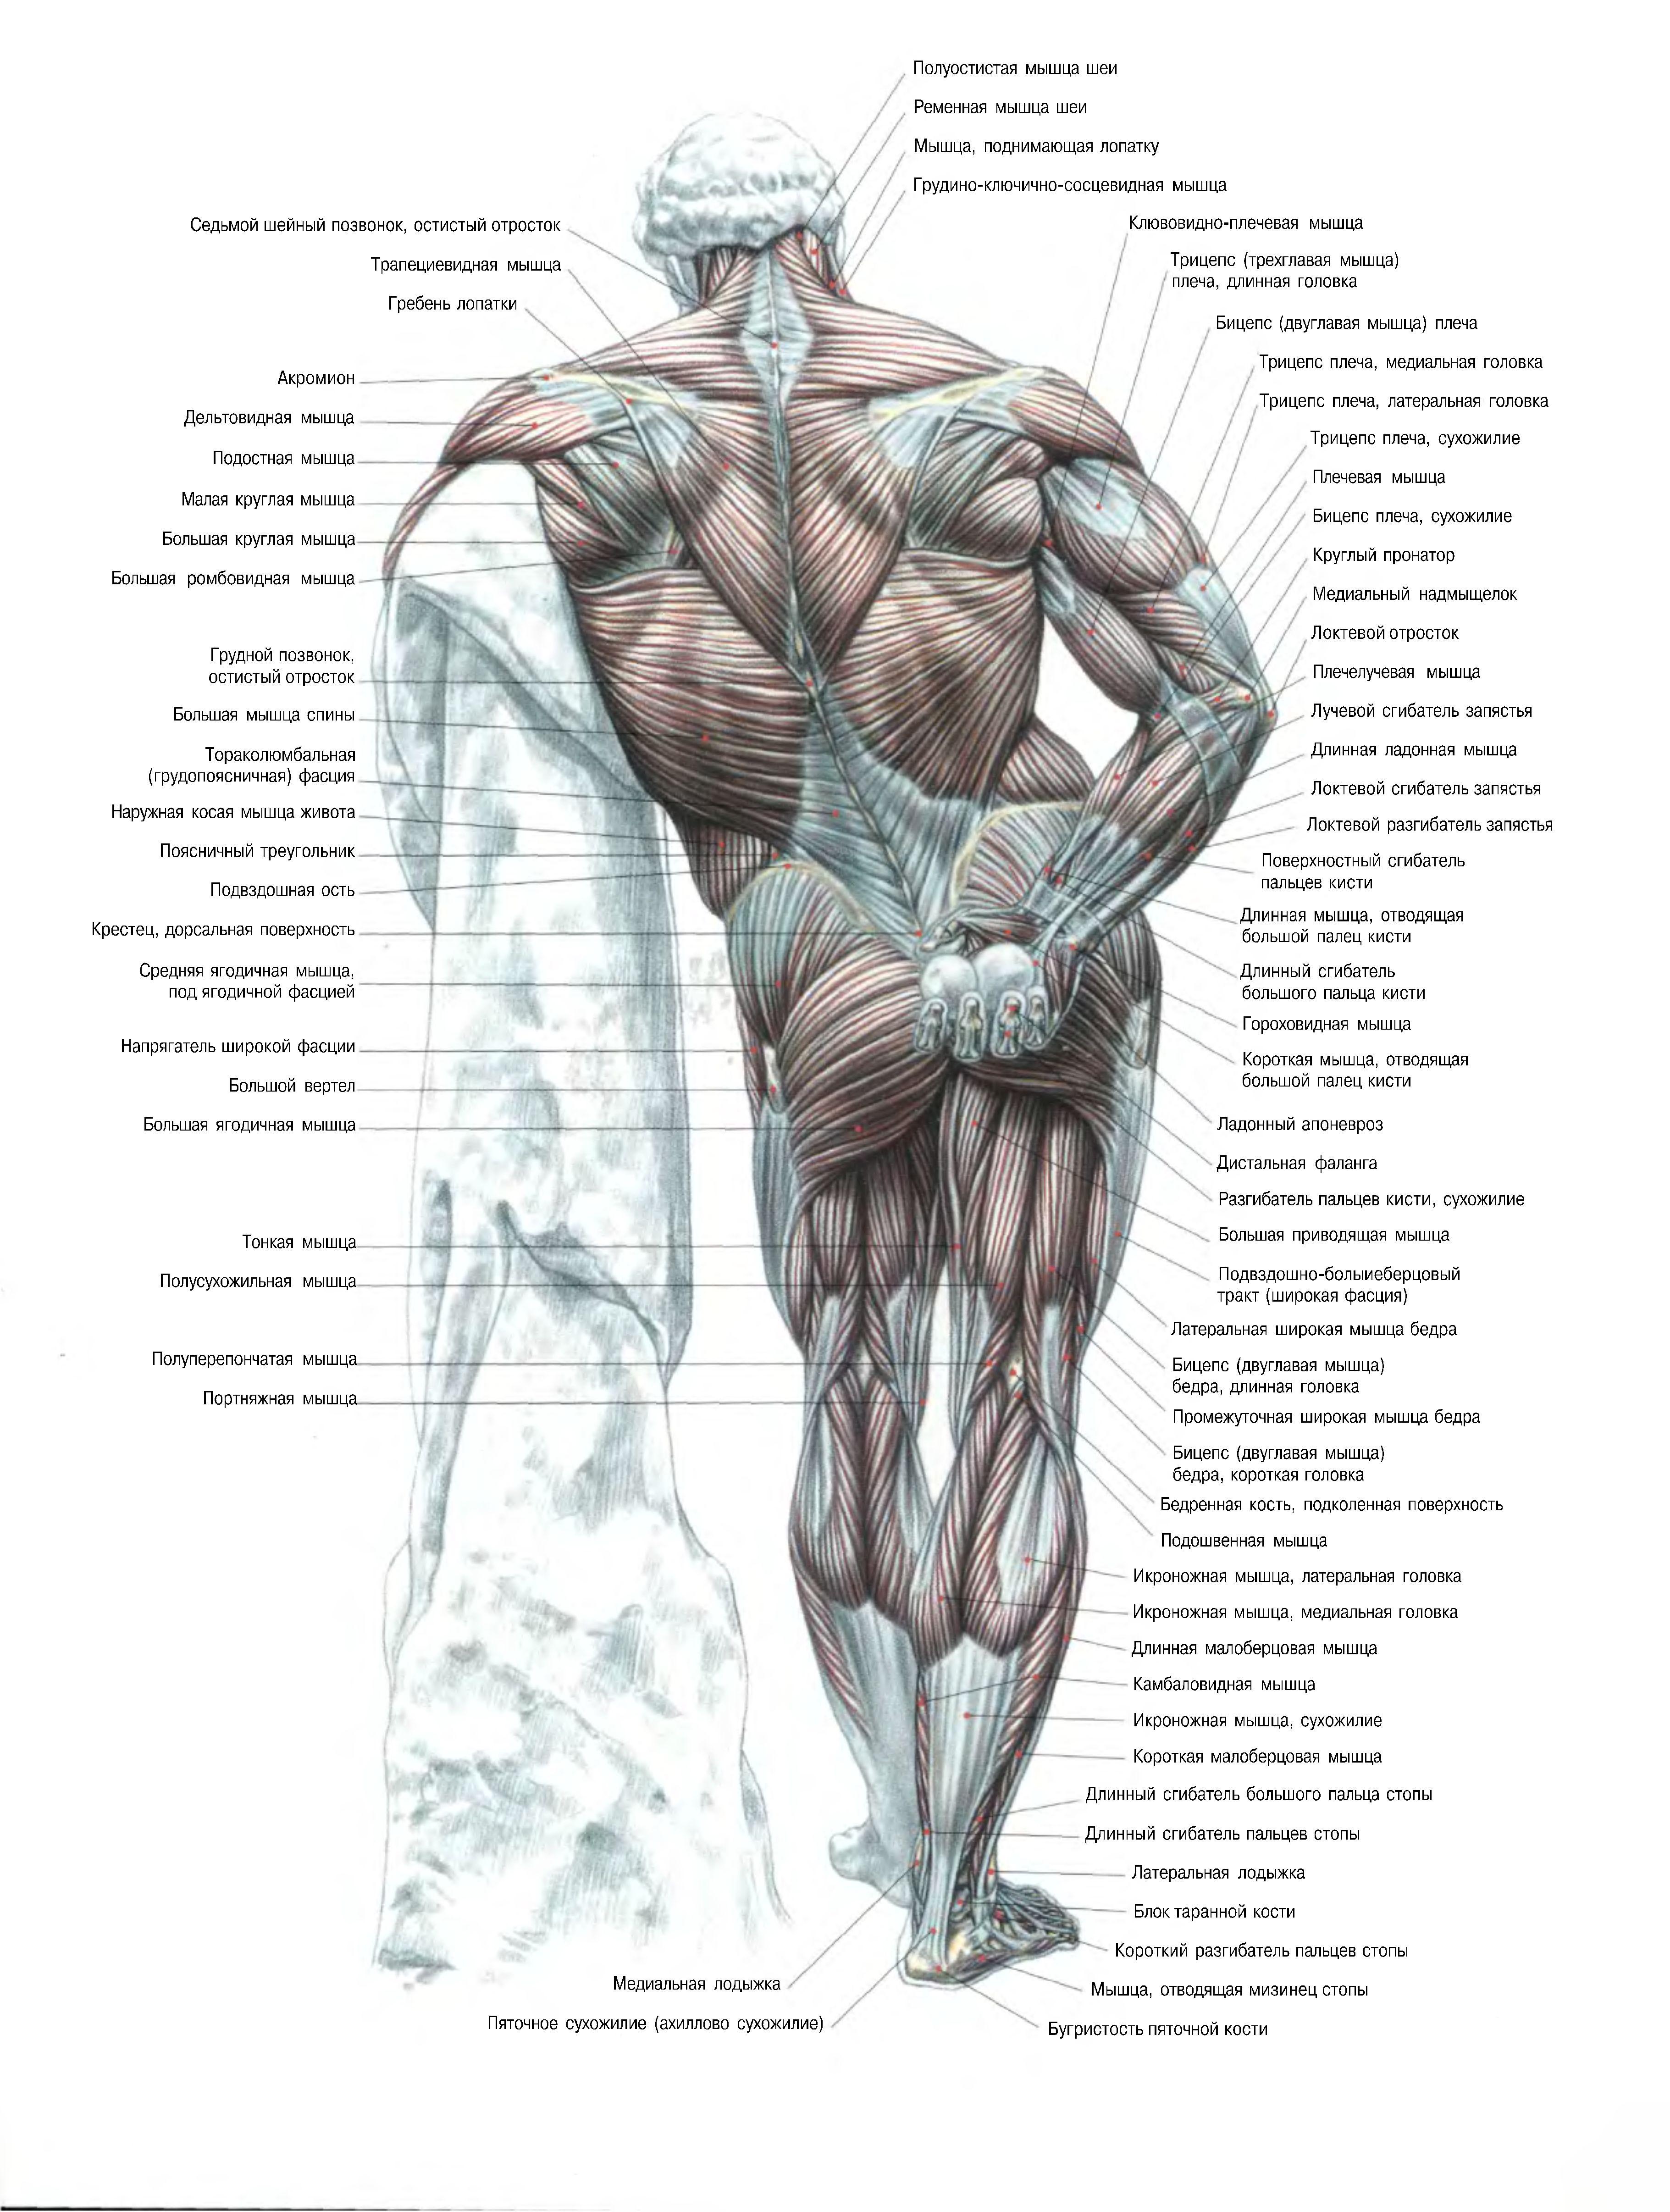 Программа для изучения анатомии человека скачать